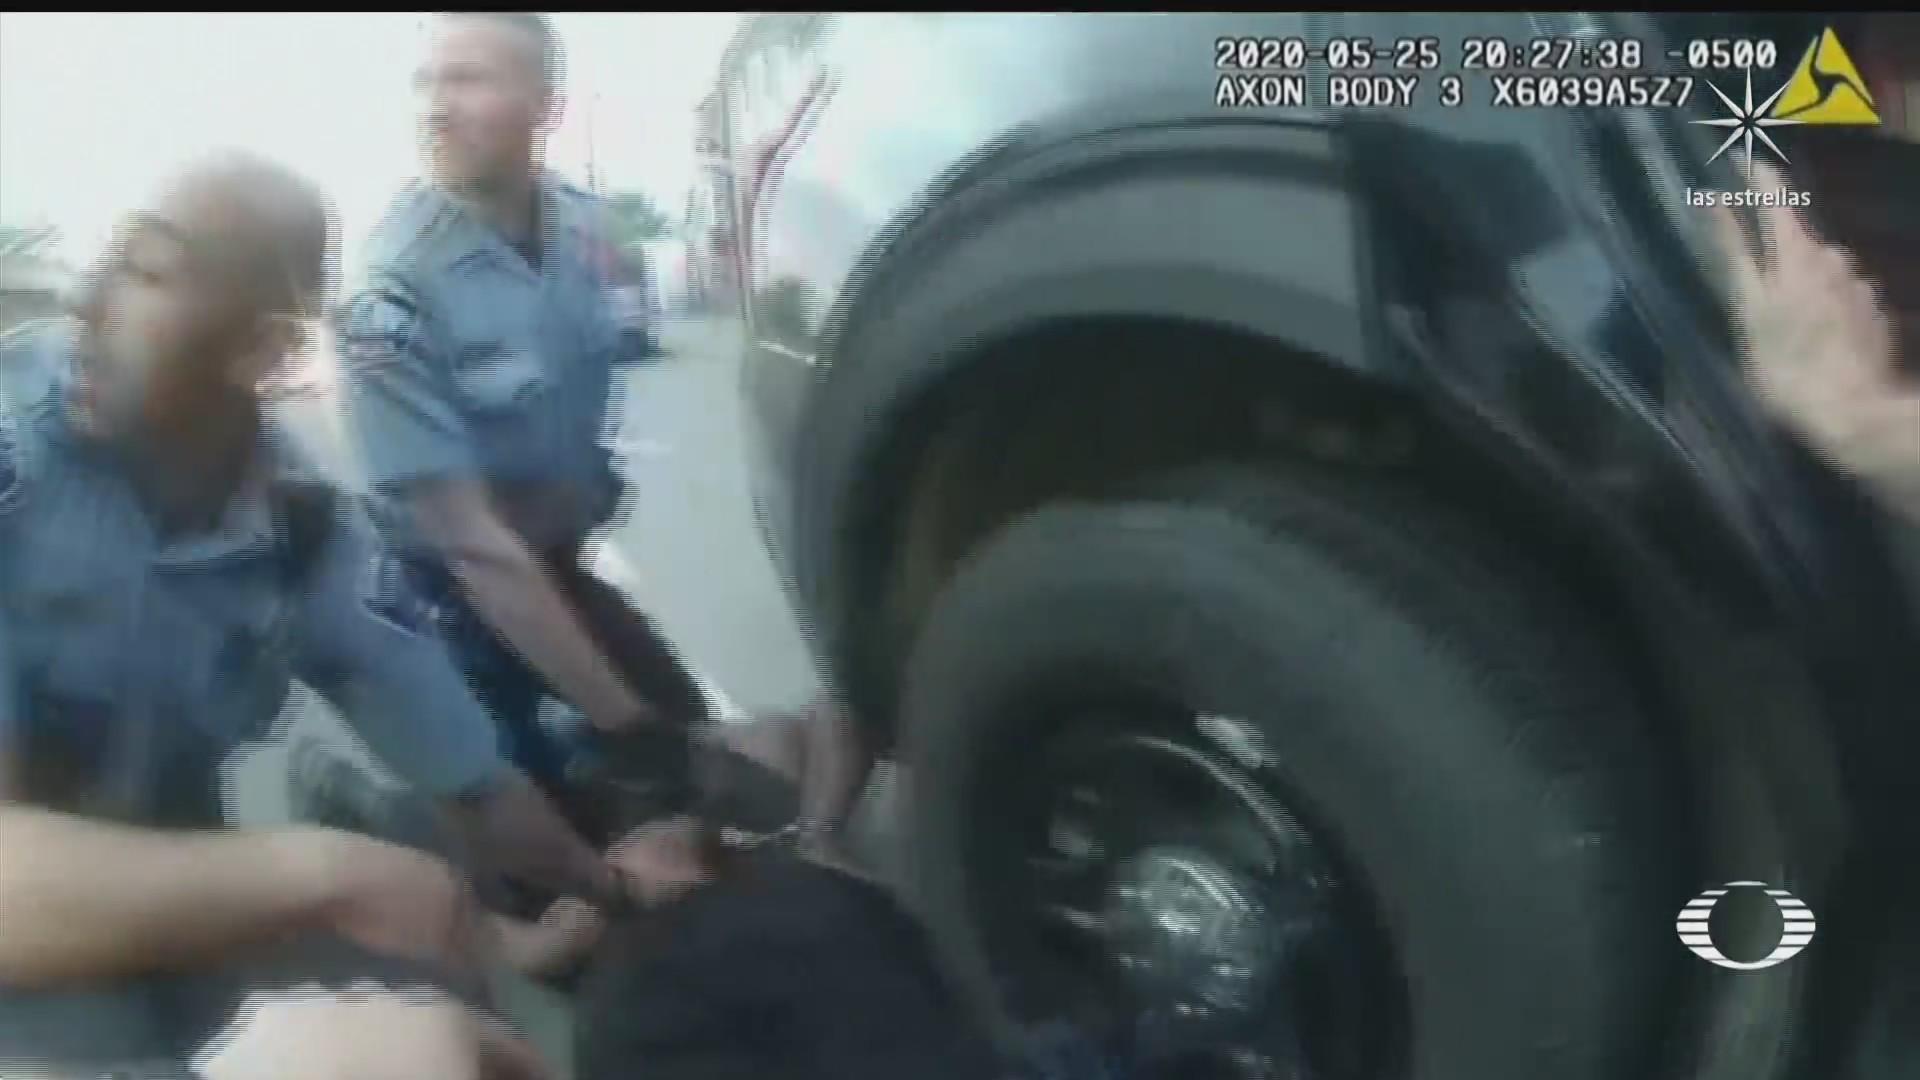 dan a conocer nuevo video del arresto de george floyd